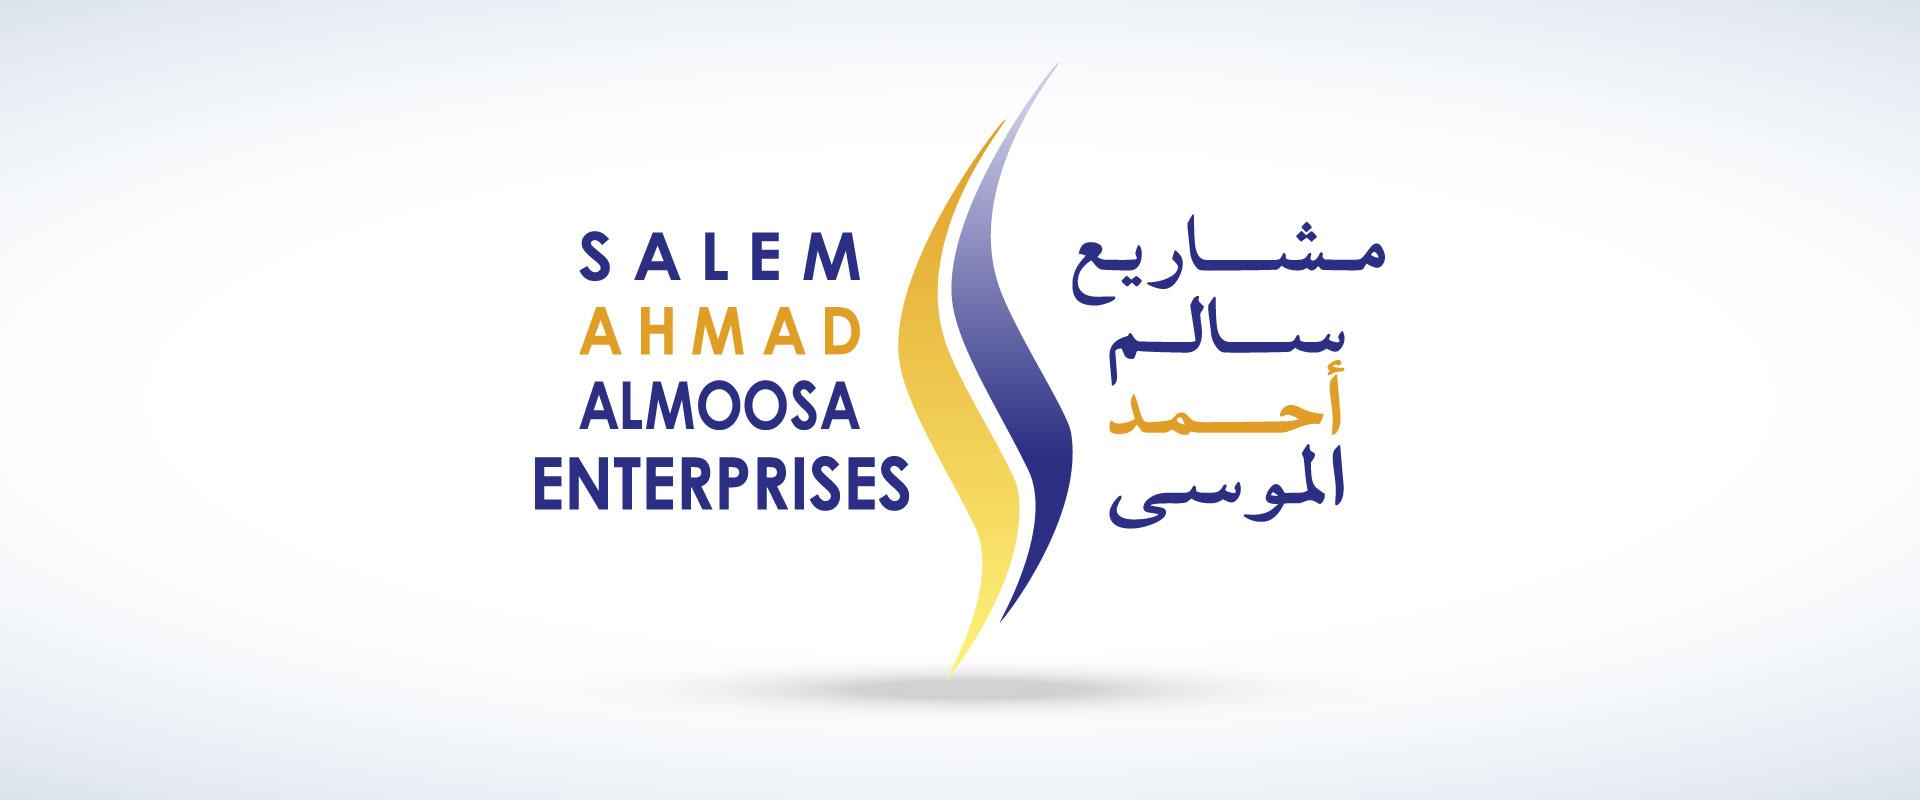 Salem Ahmad Almoosa Enterprises Main_Slider Home